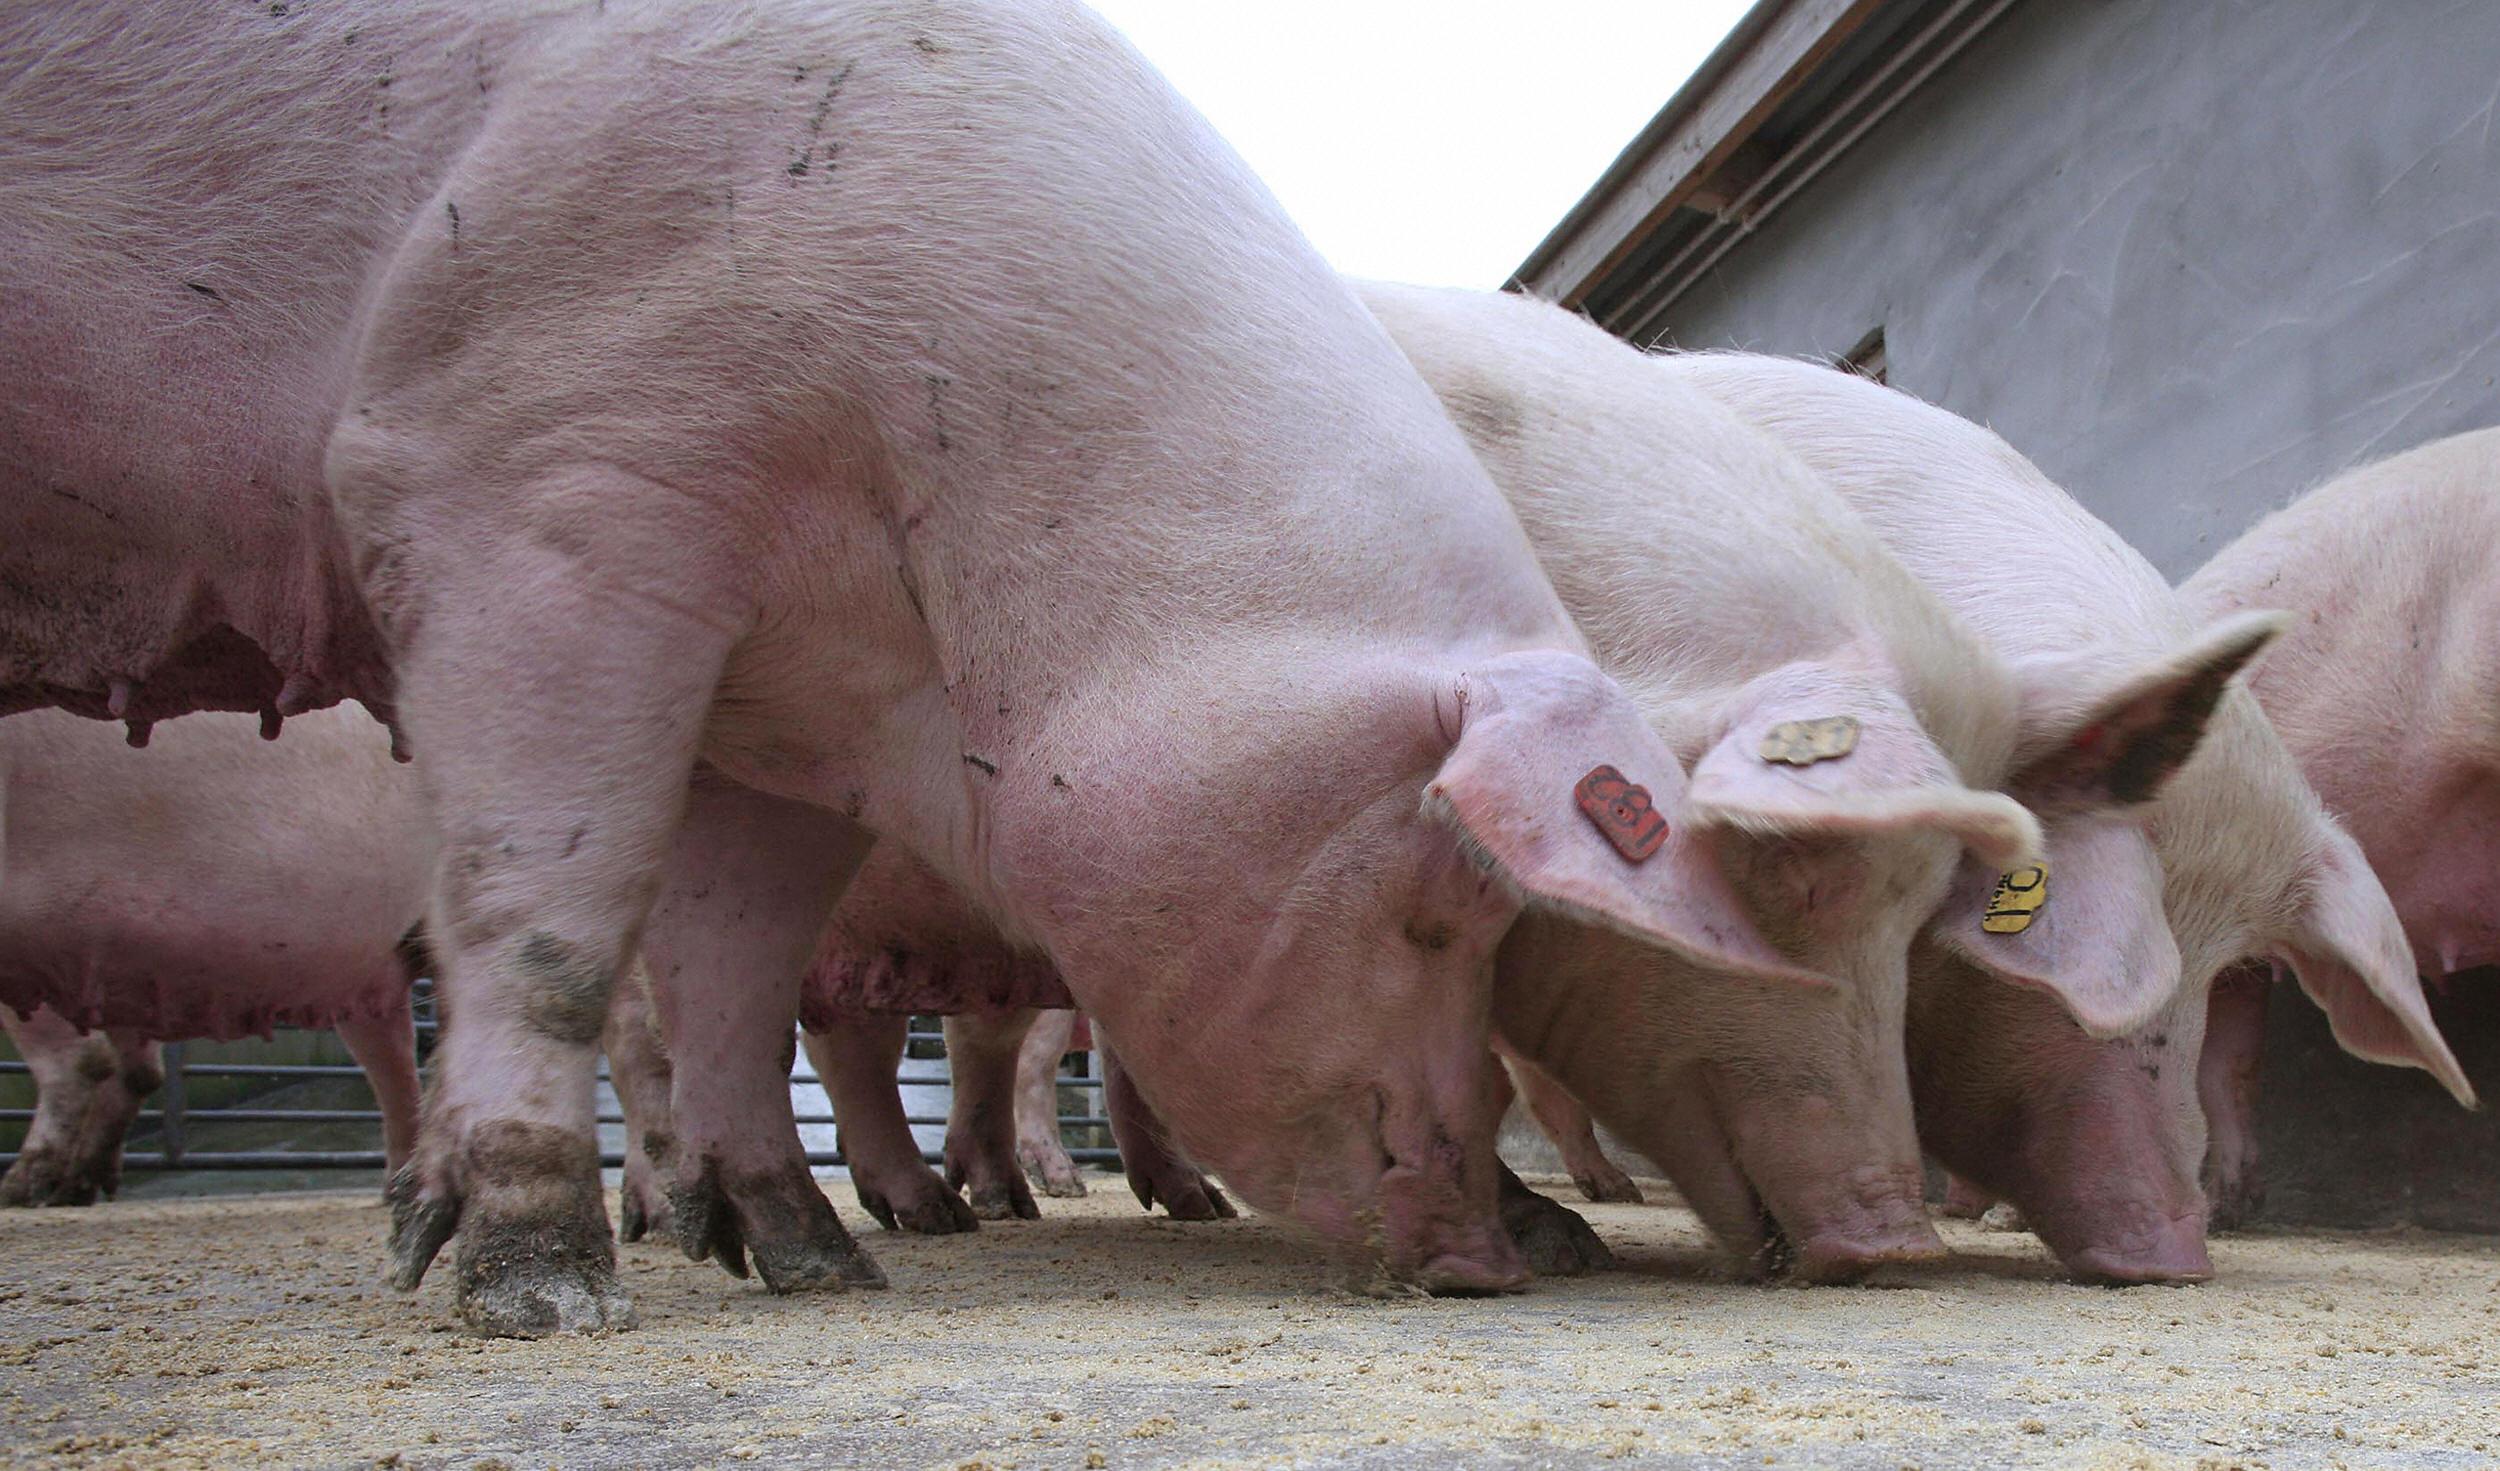 El sacrificio masivo de cerdos es inevitable si persiste la escasez de mano de obra en los mataderos, advierten los veterinarios